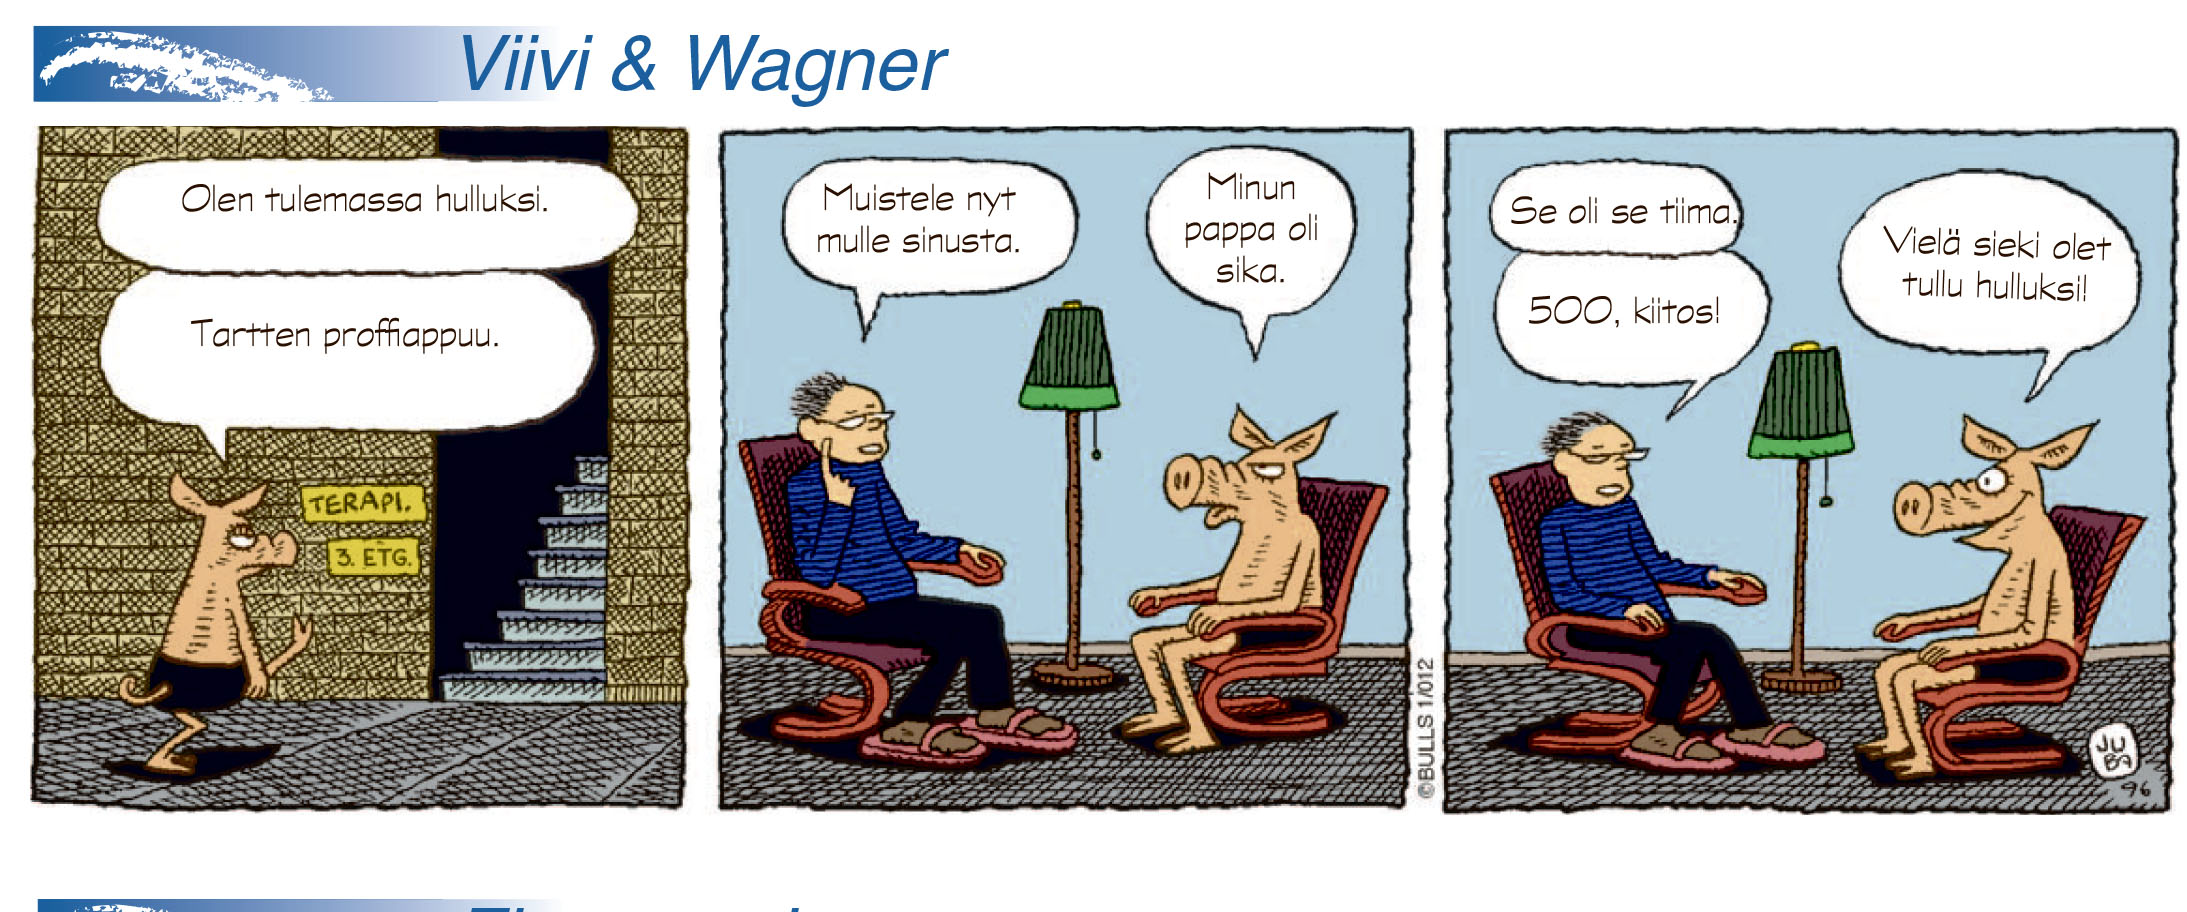 Viivi & Wagner (nr 2 -2013)